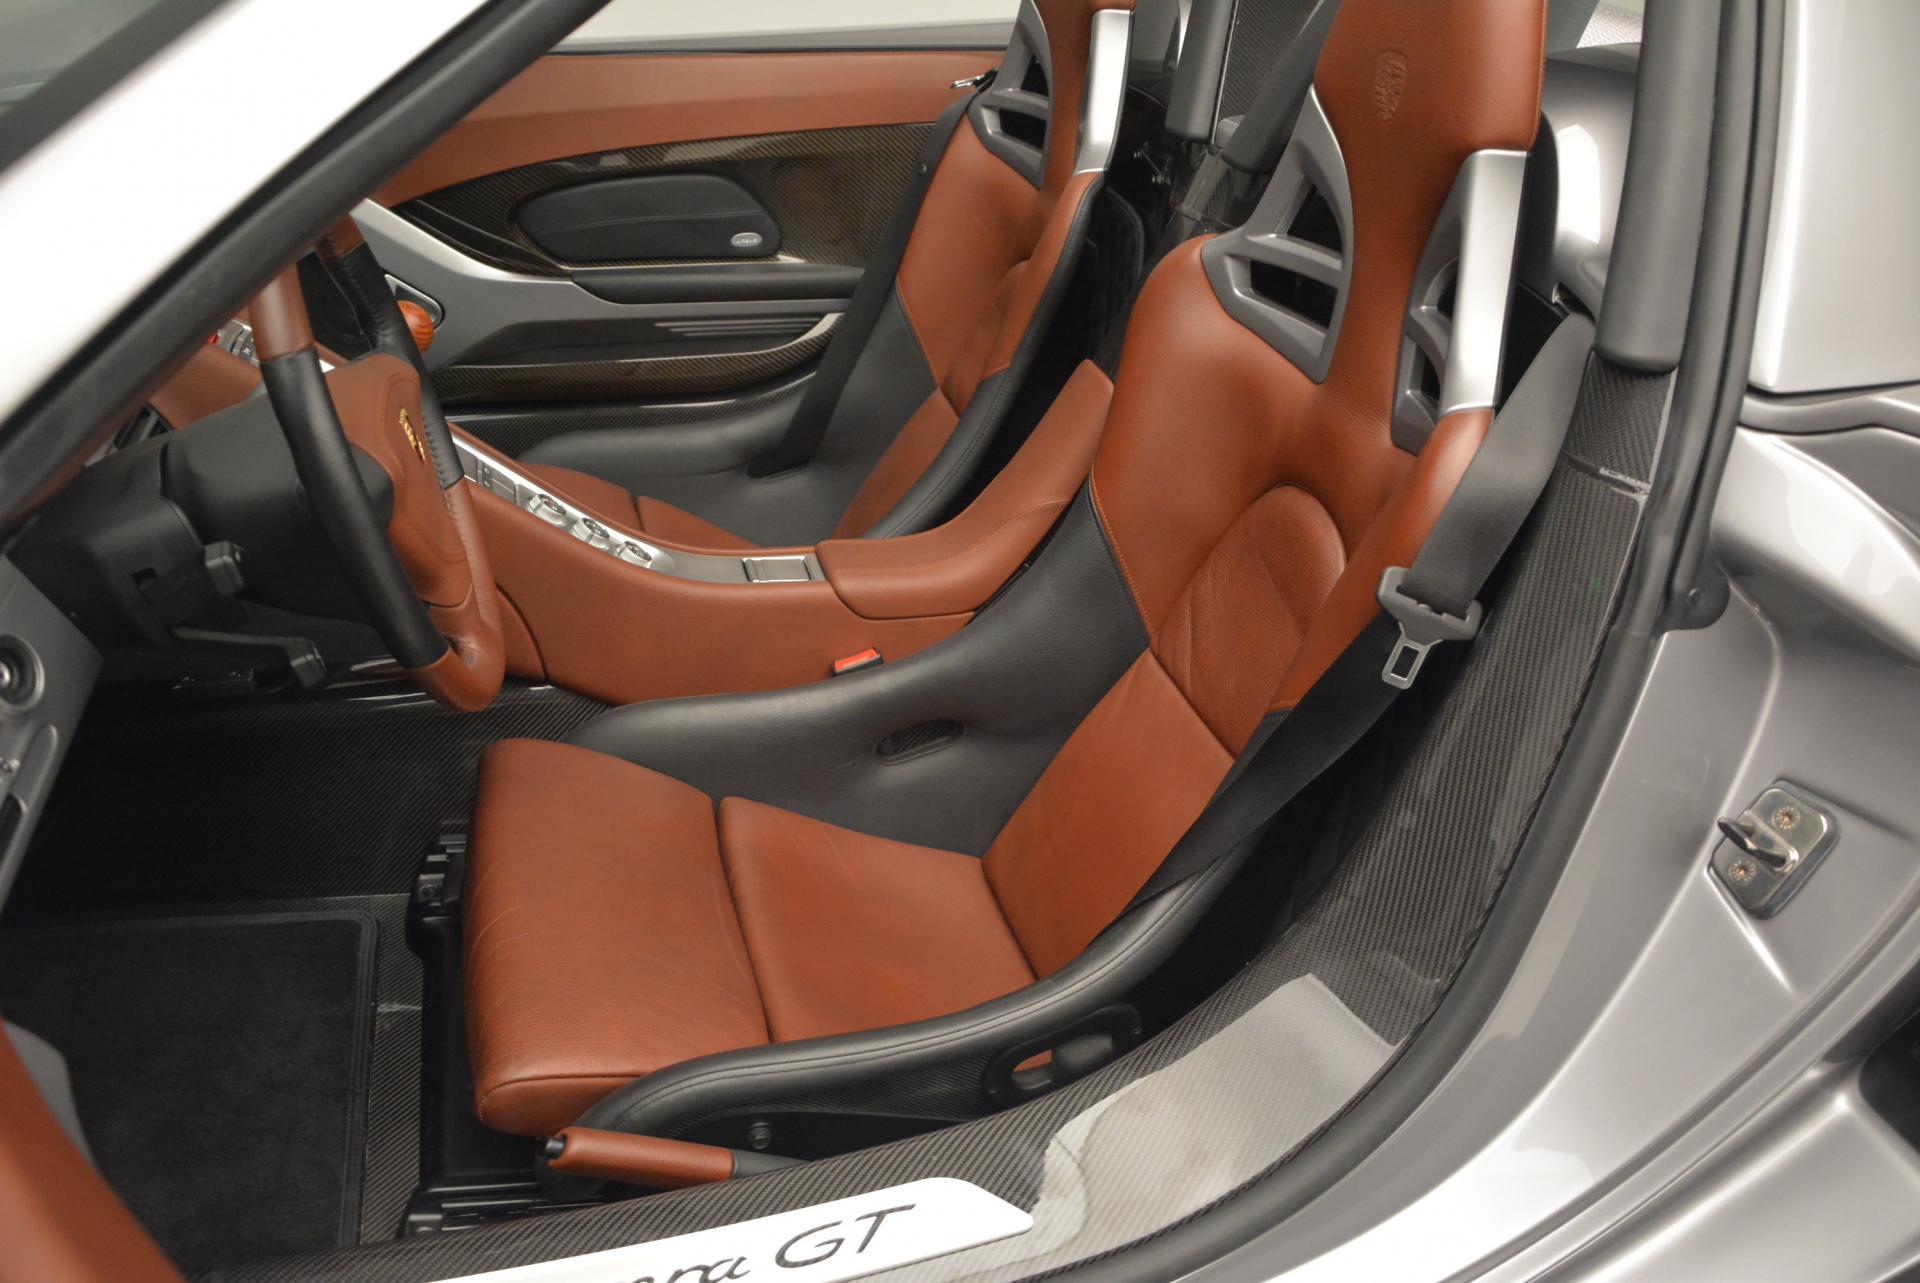 Used 2005 Porsche Carrera GT  For Sale In Greenwich, CT. Alfa Romeo of Greenwich, 7114 108_p18